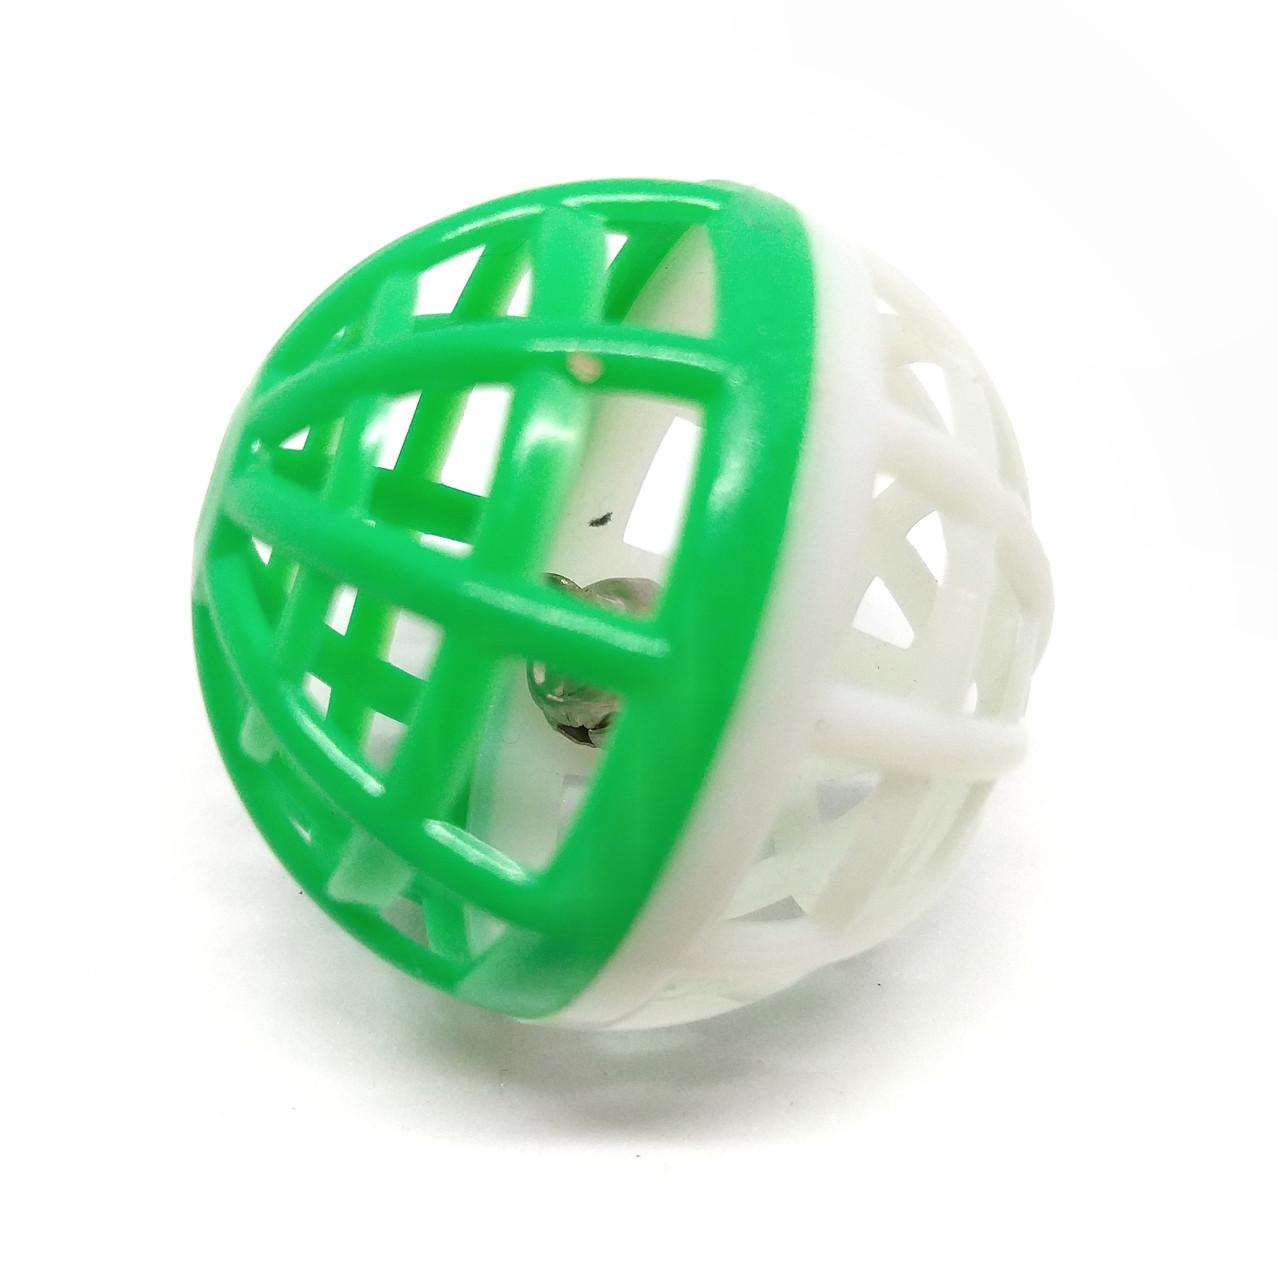 Игрушка для кошек Мячик-погремушка Zizi бело-зелёный 4 см